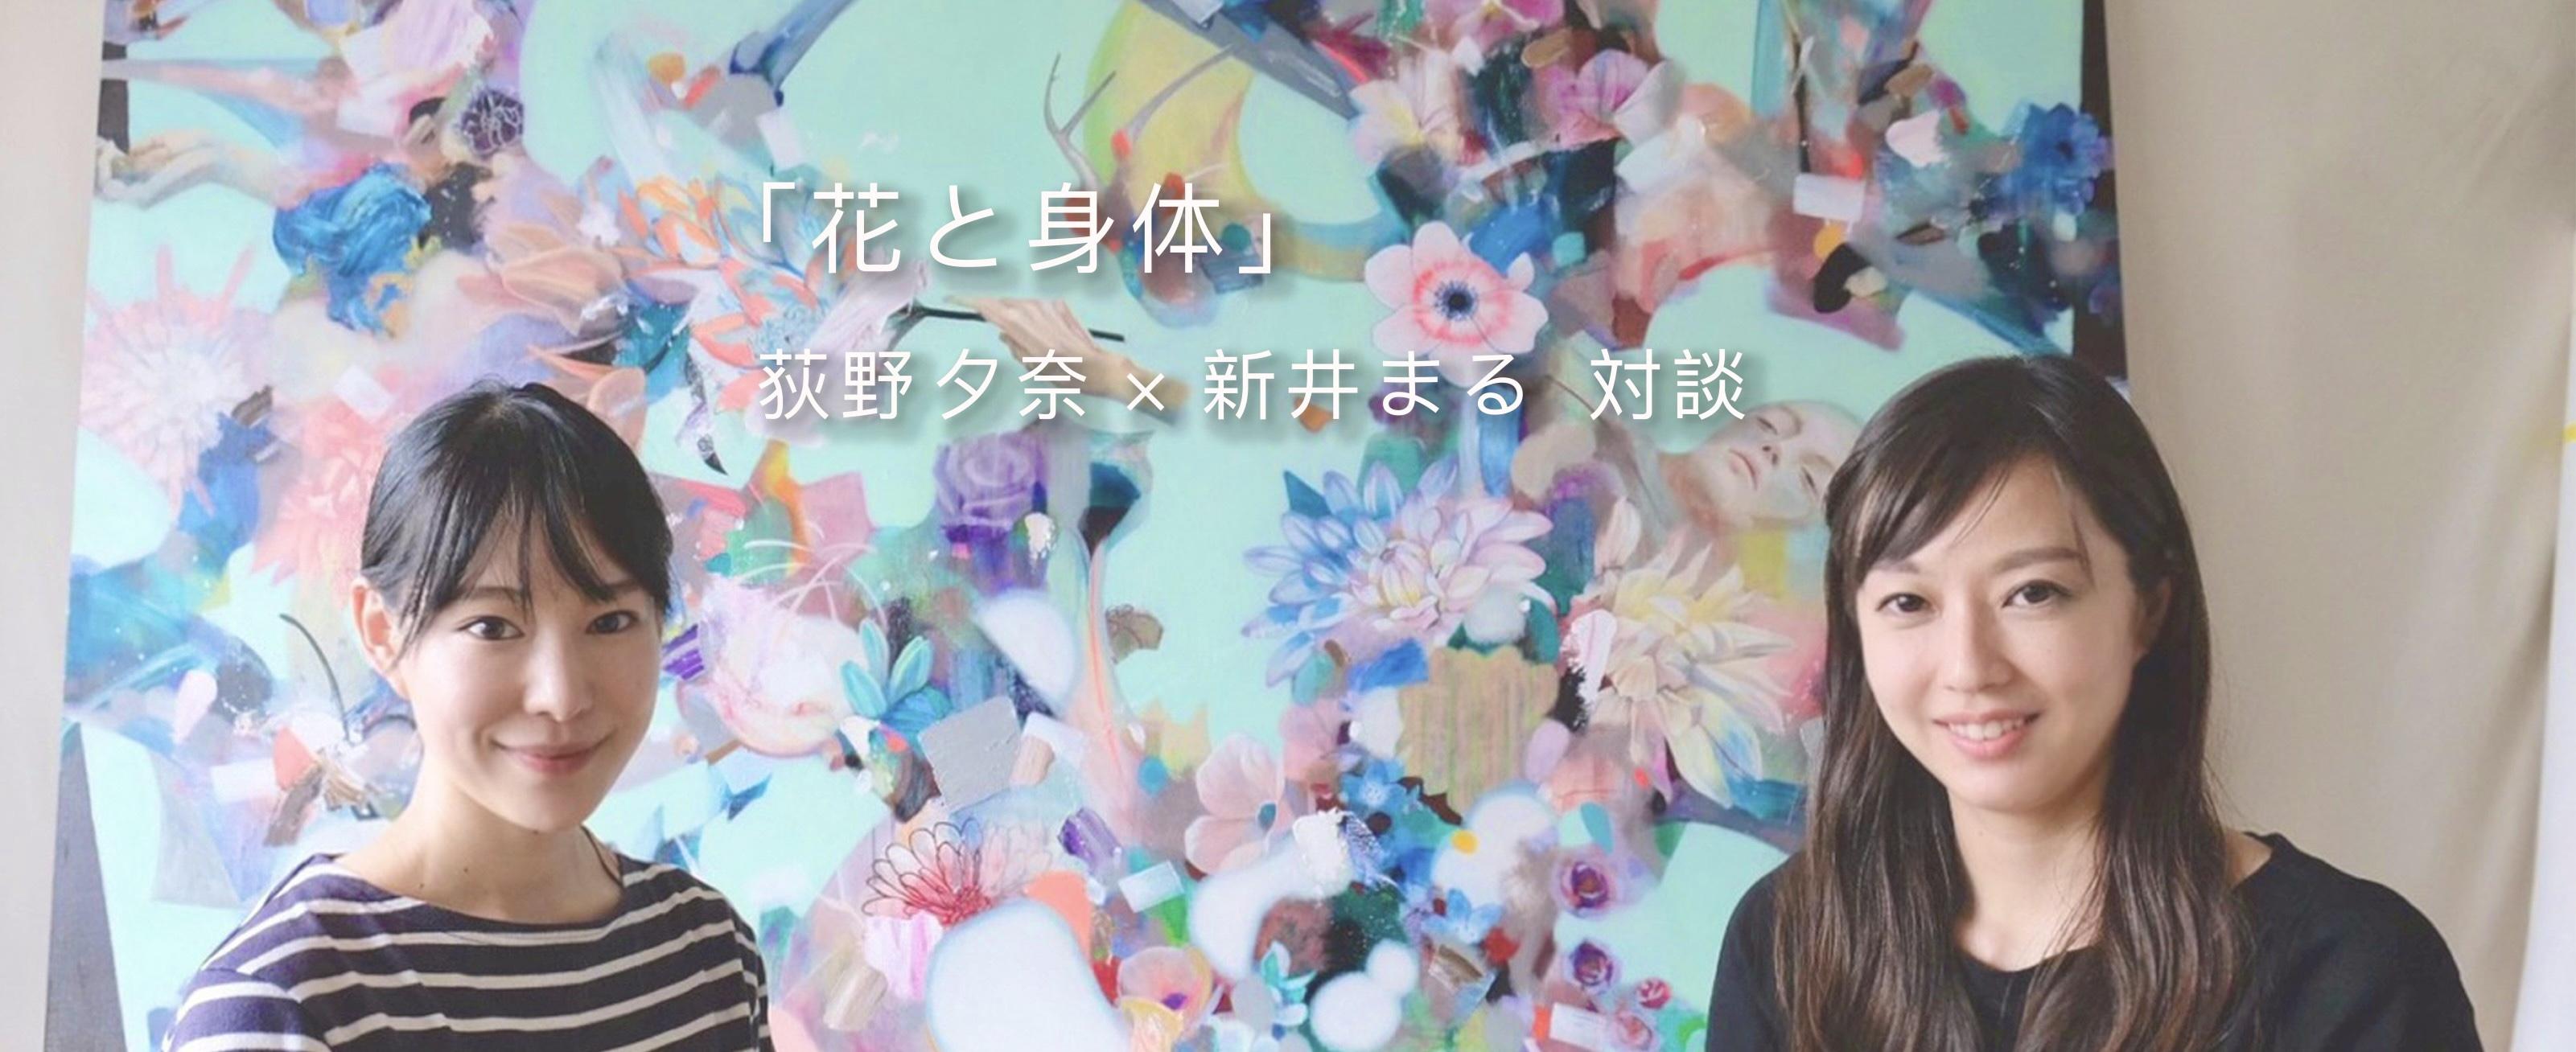 荻野夕奈 × 新井まる 対談